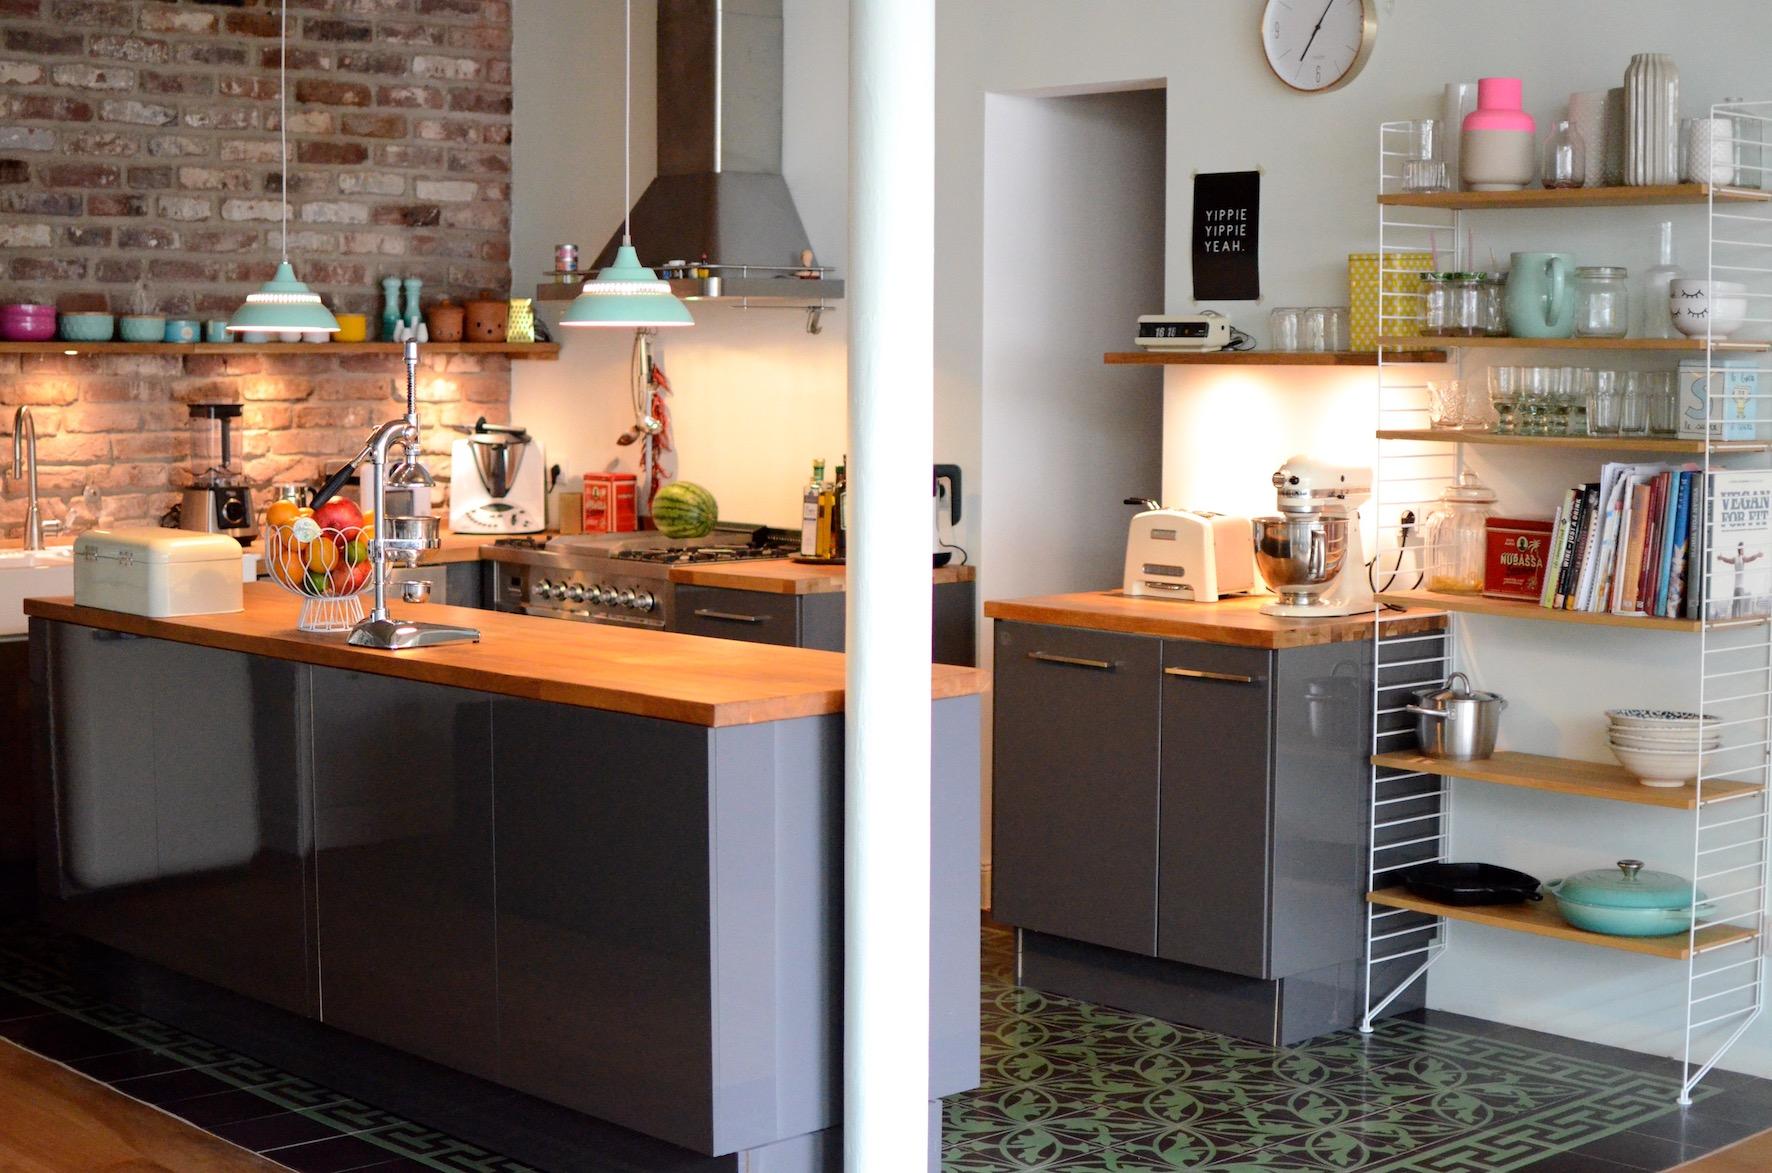 Full Size of Küche Offenes Regal Projekt Loftausbau Wie Man Eine Offene Kche Perfekt Ins Mit E Geräten Günstig Ikea Kosten Treteimer Arbeitsplatten Wasserhähne Wohnzimmer Küche Offenes Regal